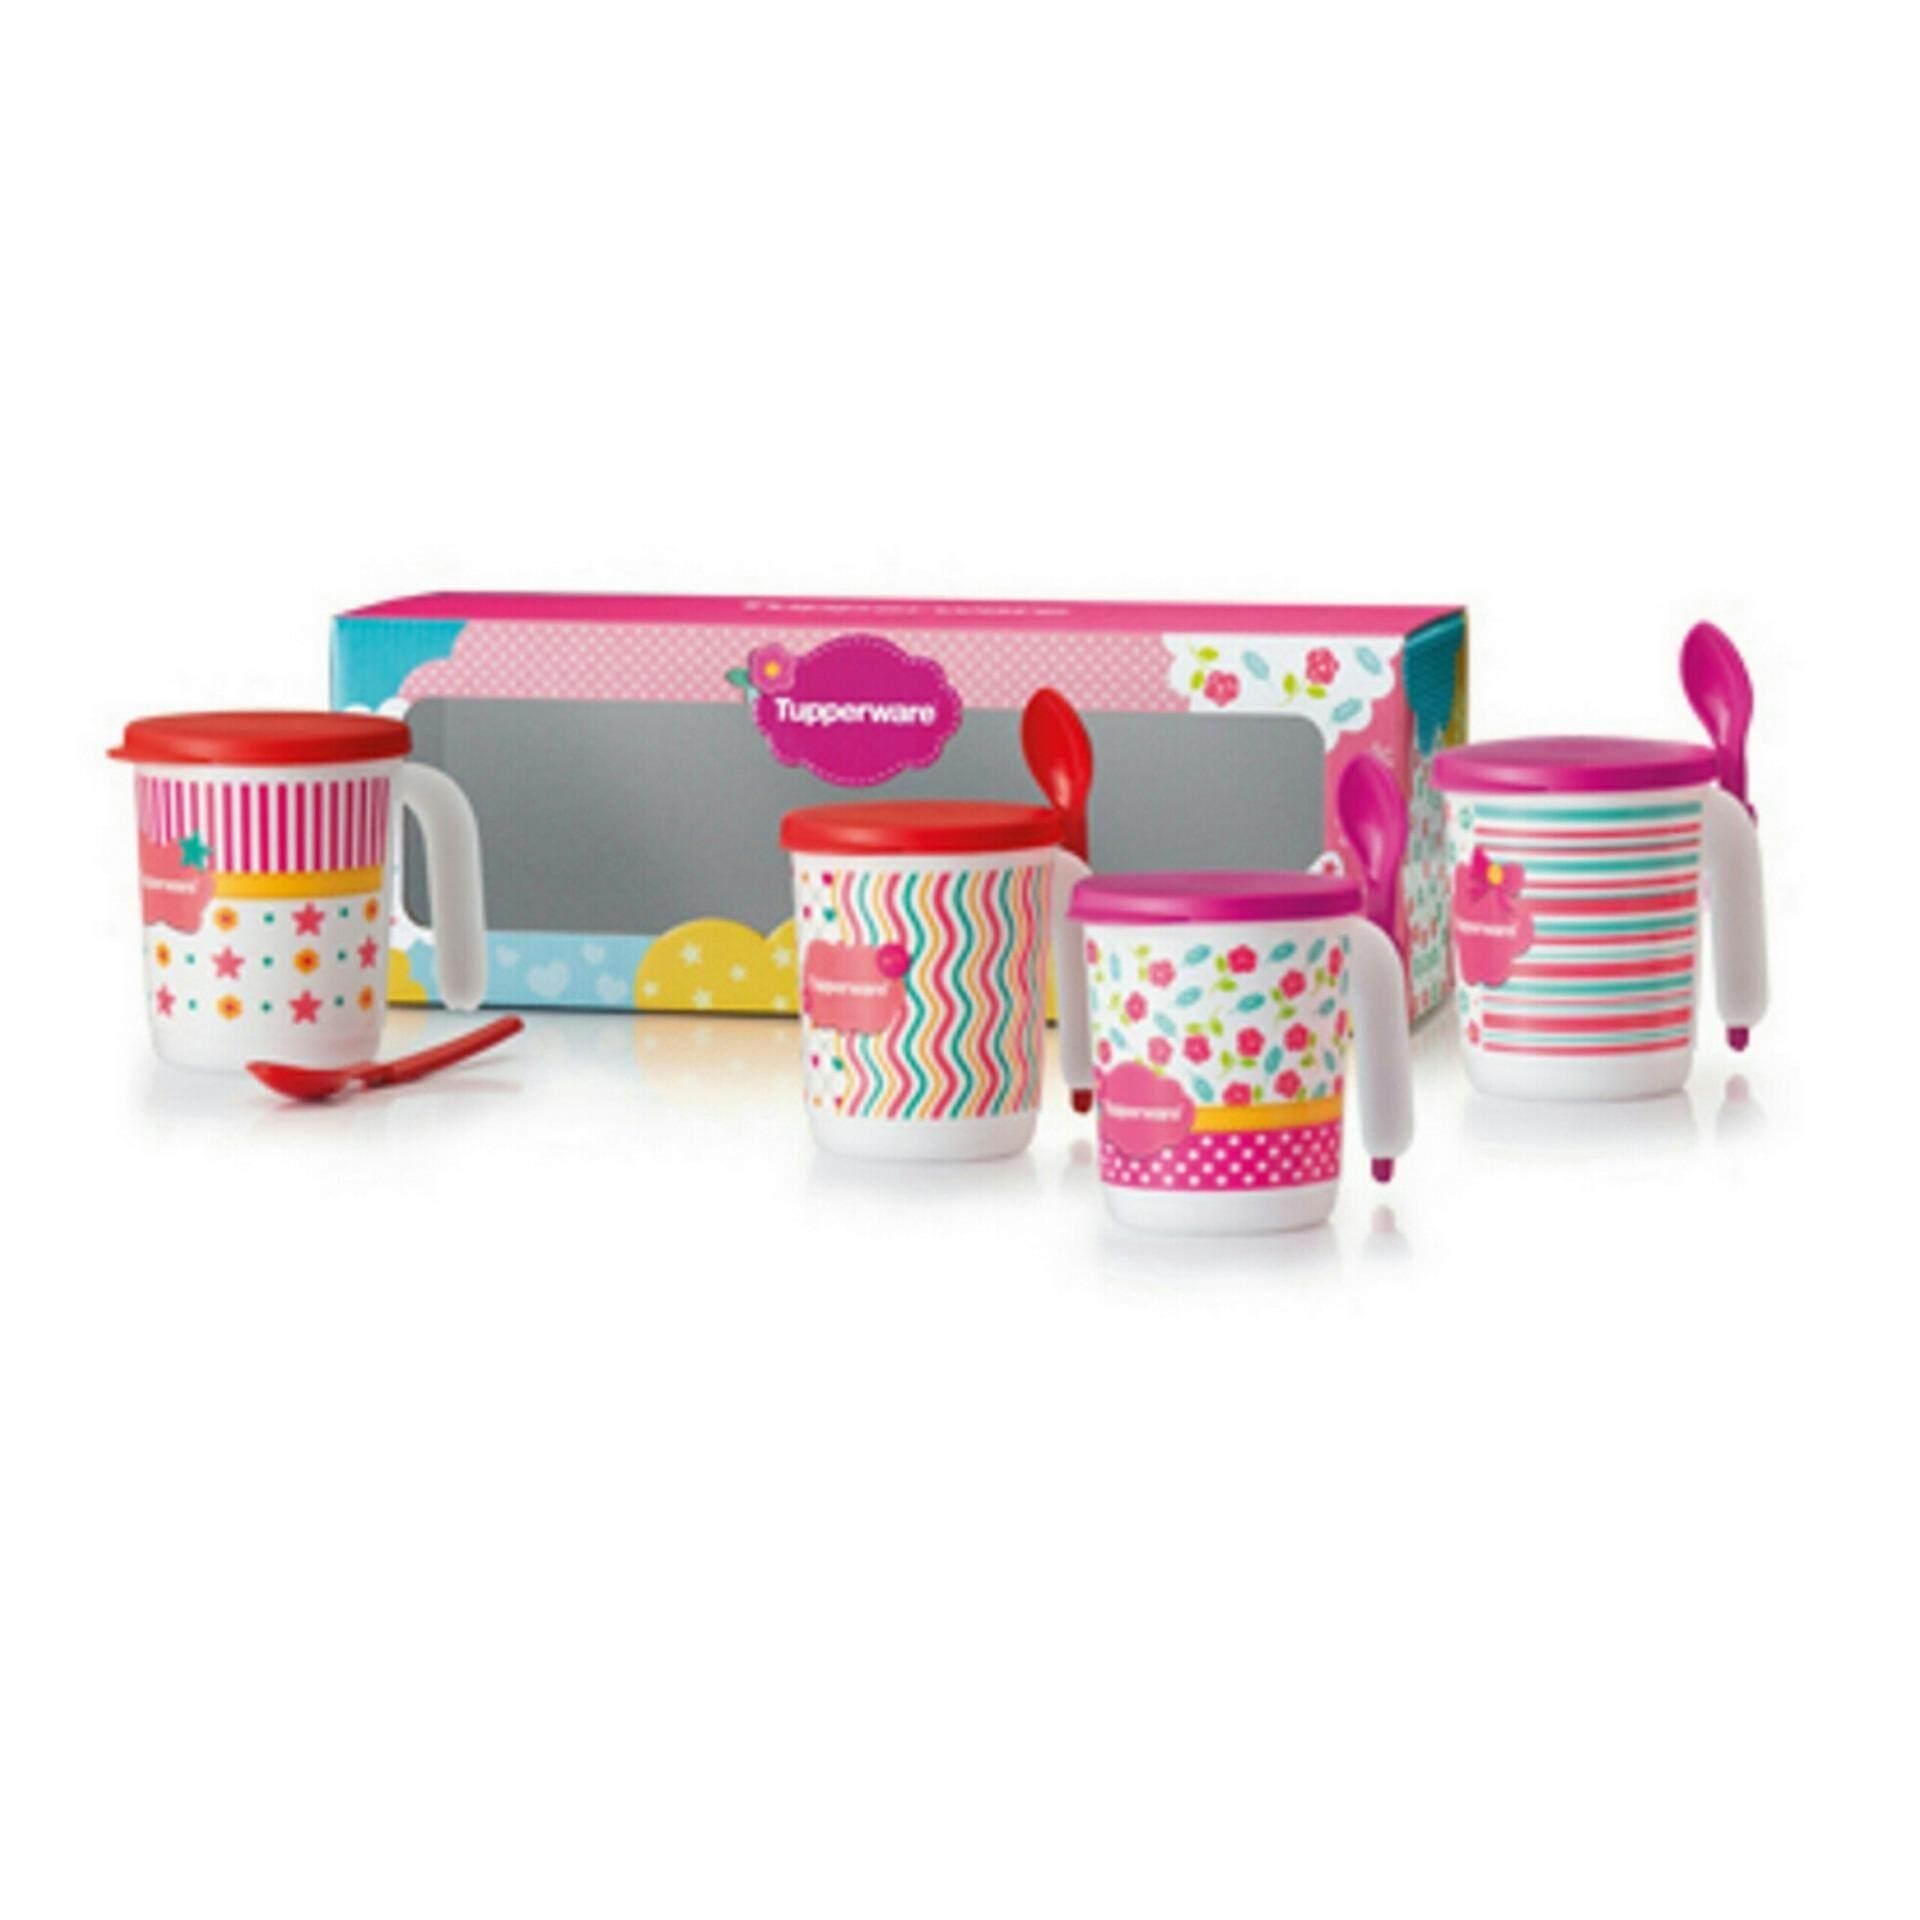 Tupperware Blushing Pink Mug Set (4)